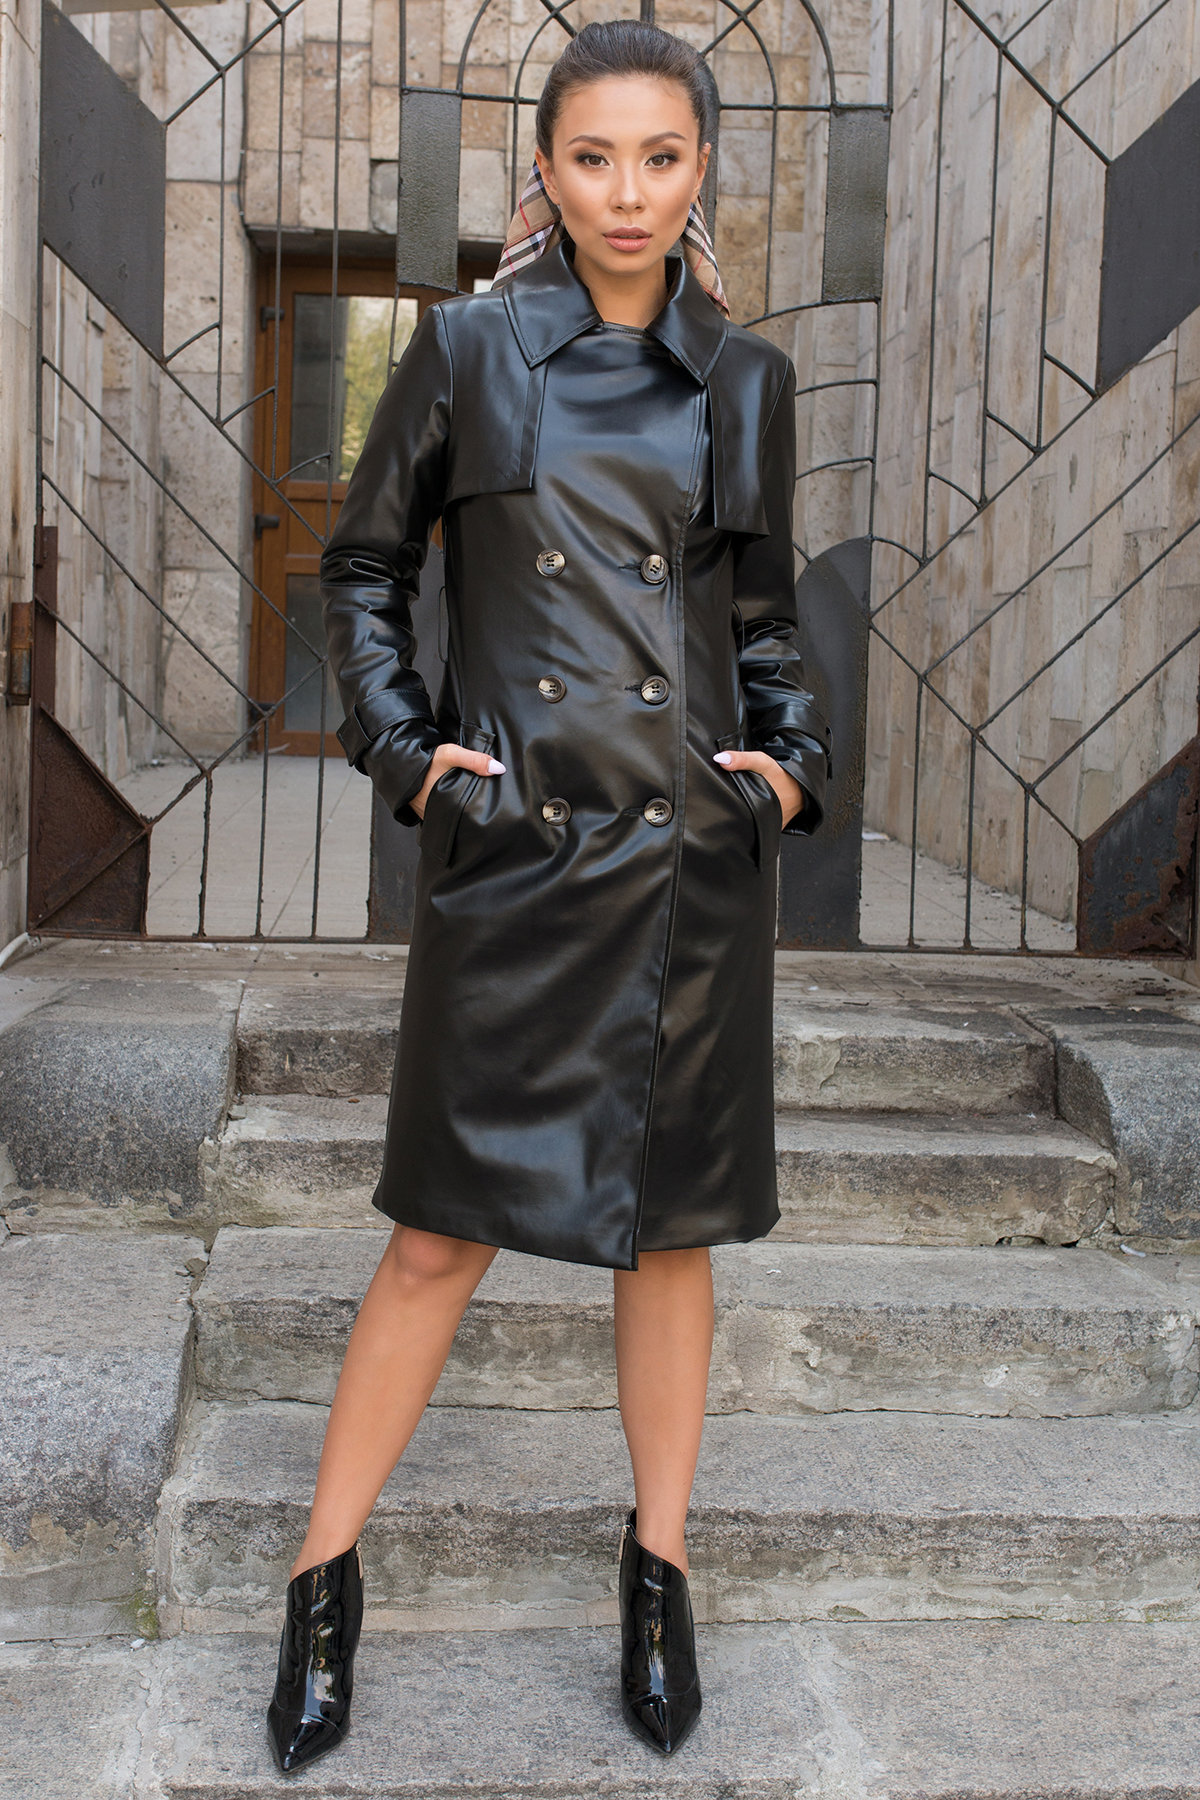 Пальто-тренч из экокожи Аккорд 7996 АРТ. 43950 Цвет: Черный - фото 3, интернет магазин tm-modus.ru